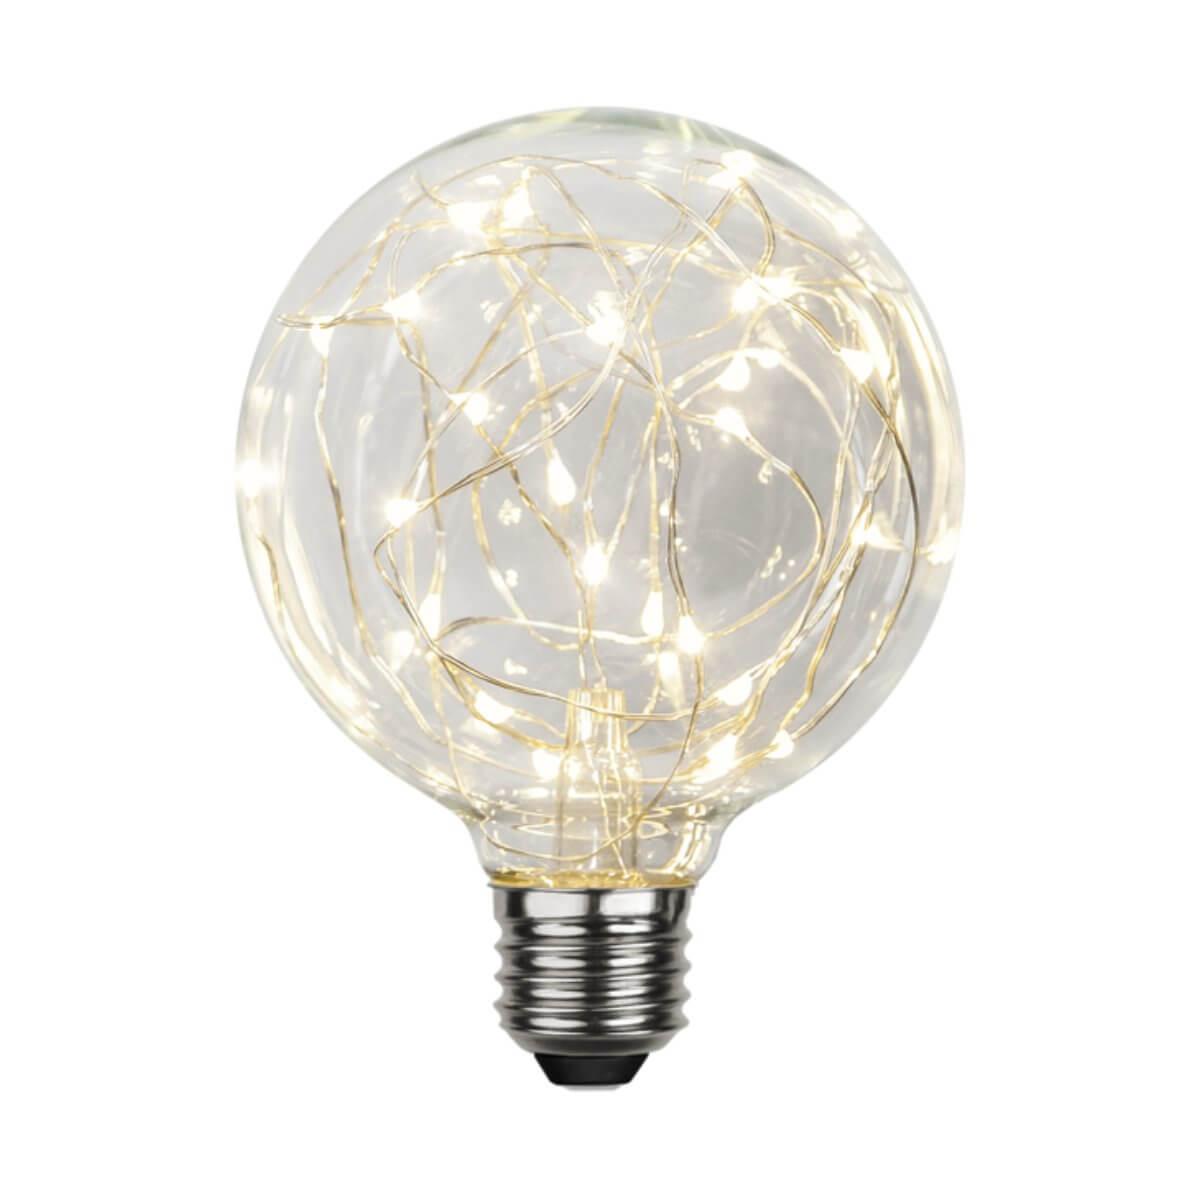 Ampoule festive blanche